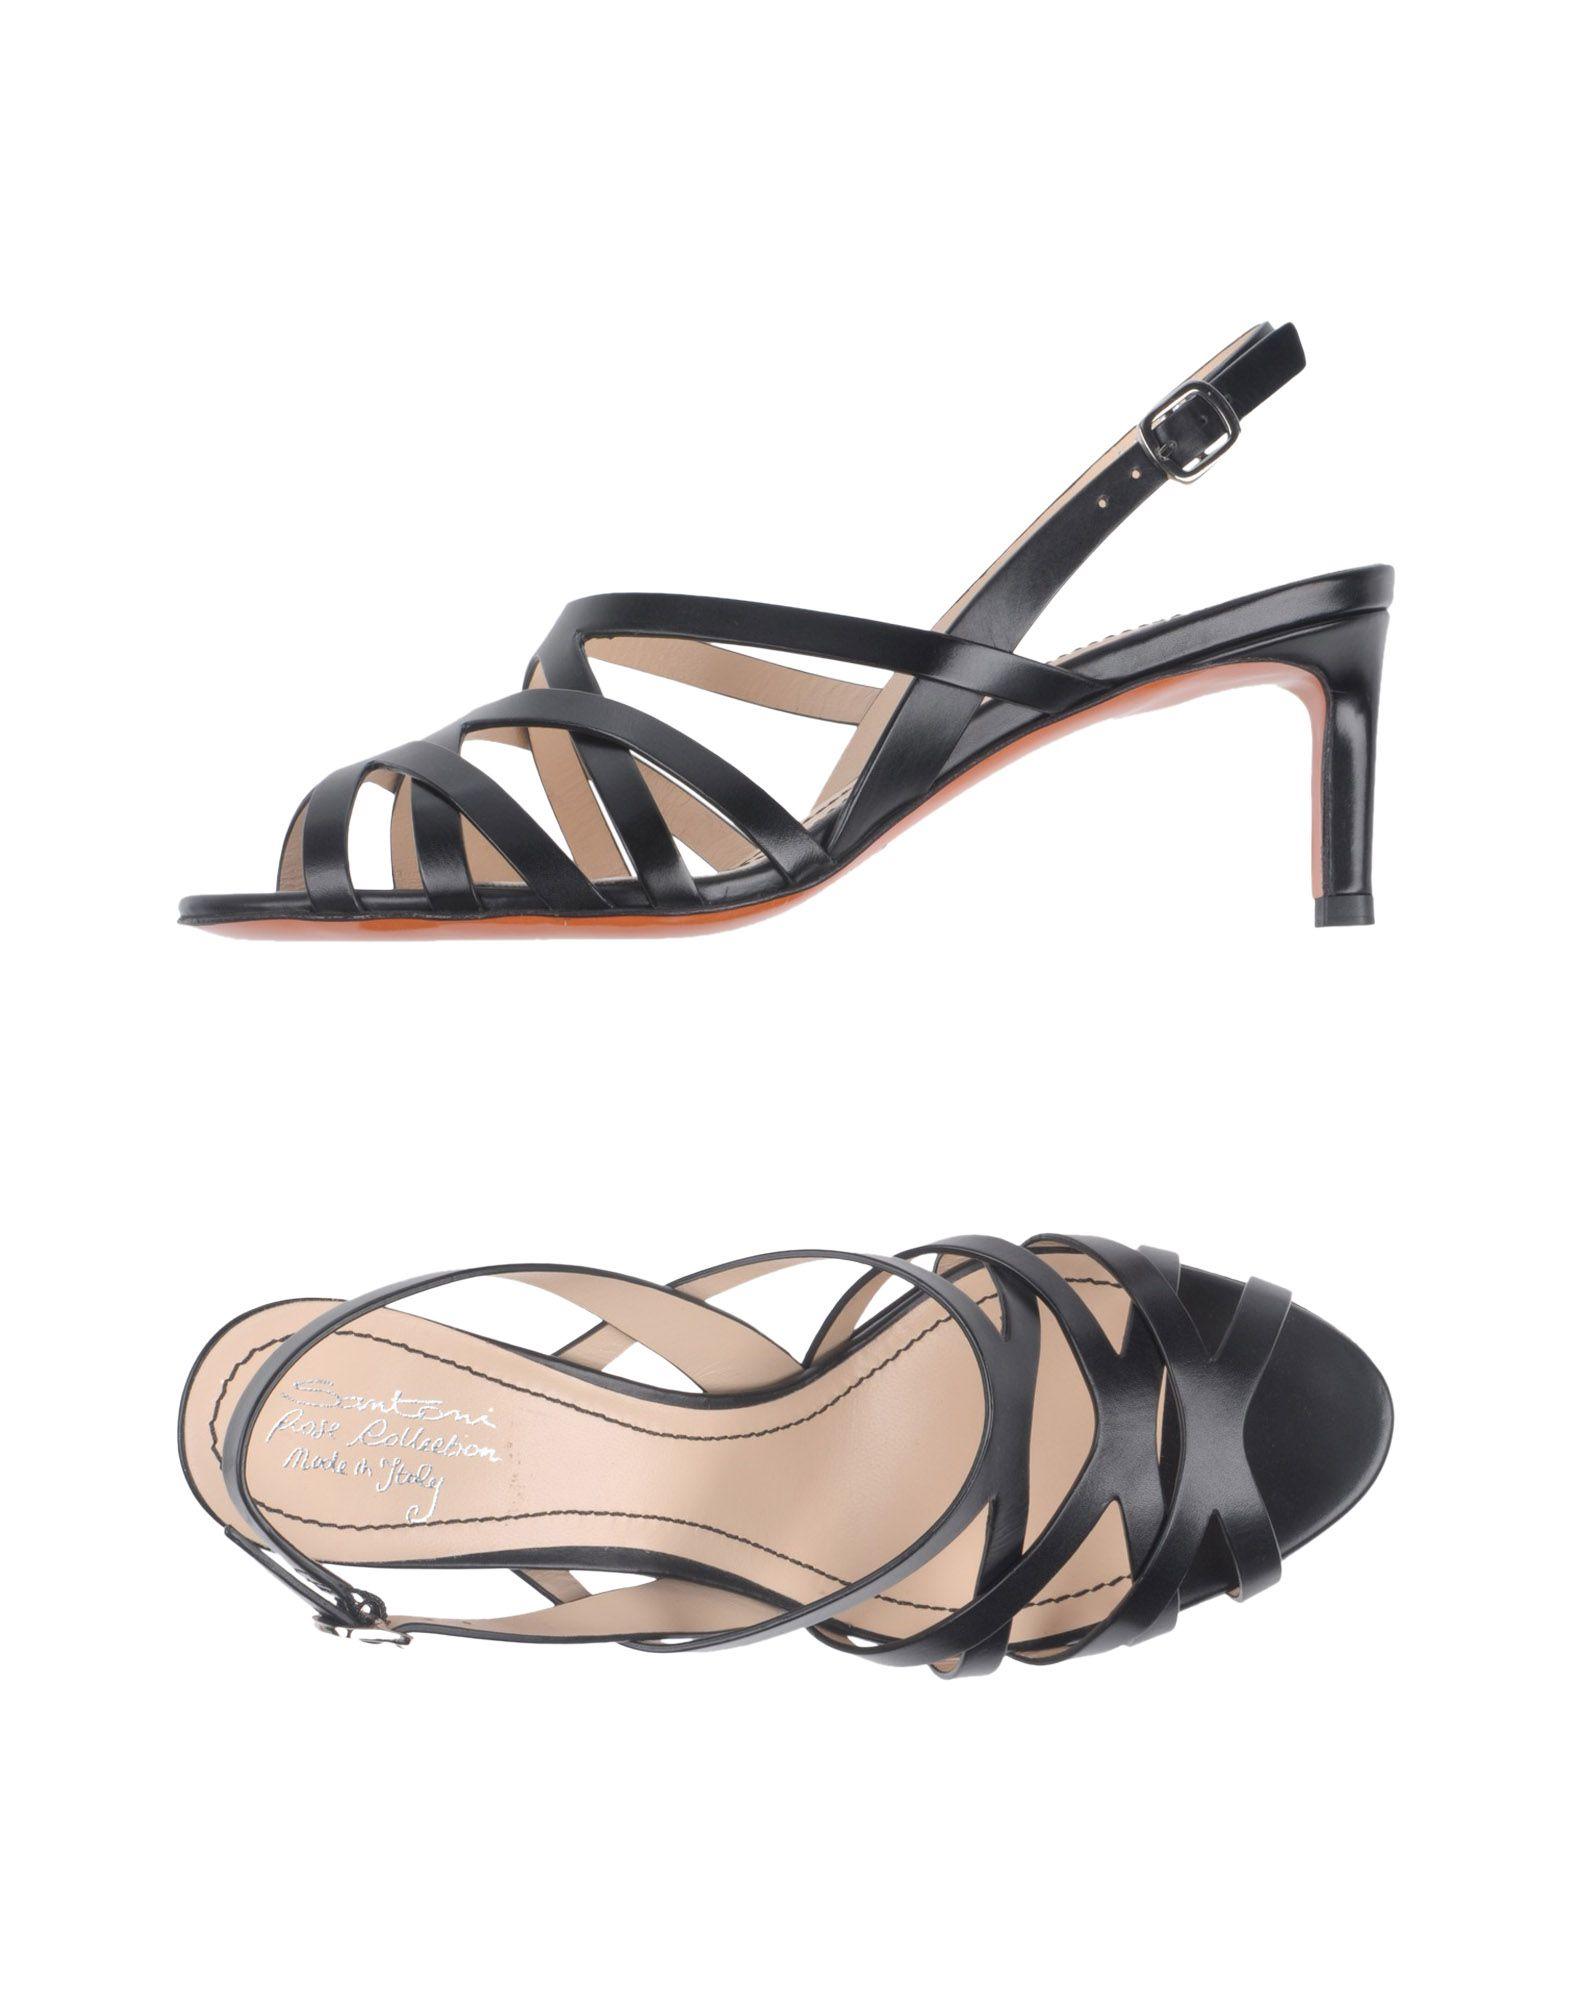 Sandali Carven Donna - 11474633DG Scarpe economiche e buone